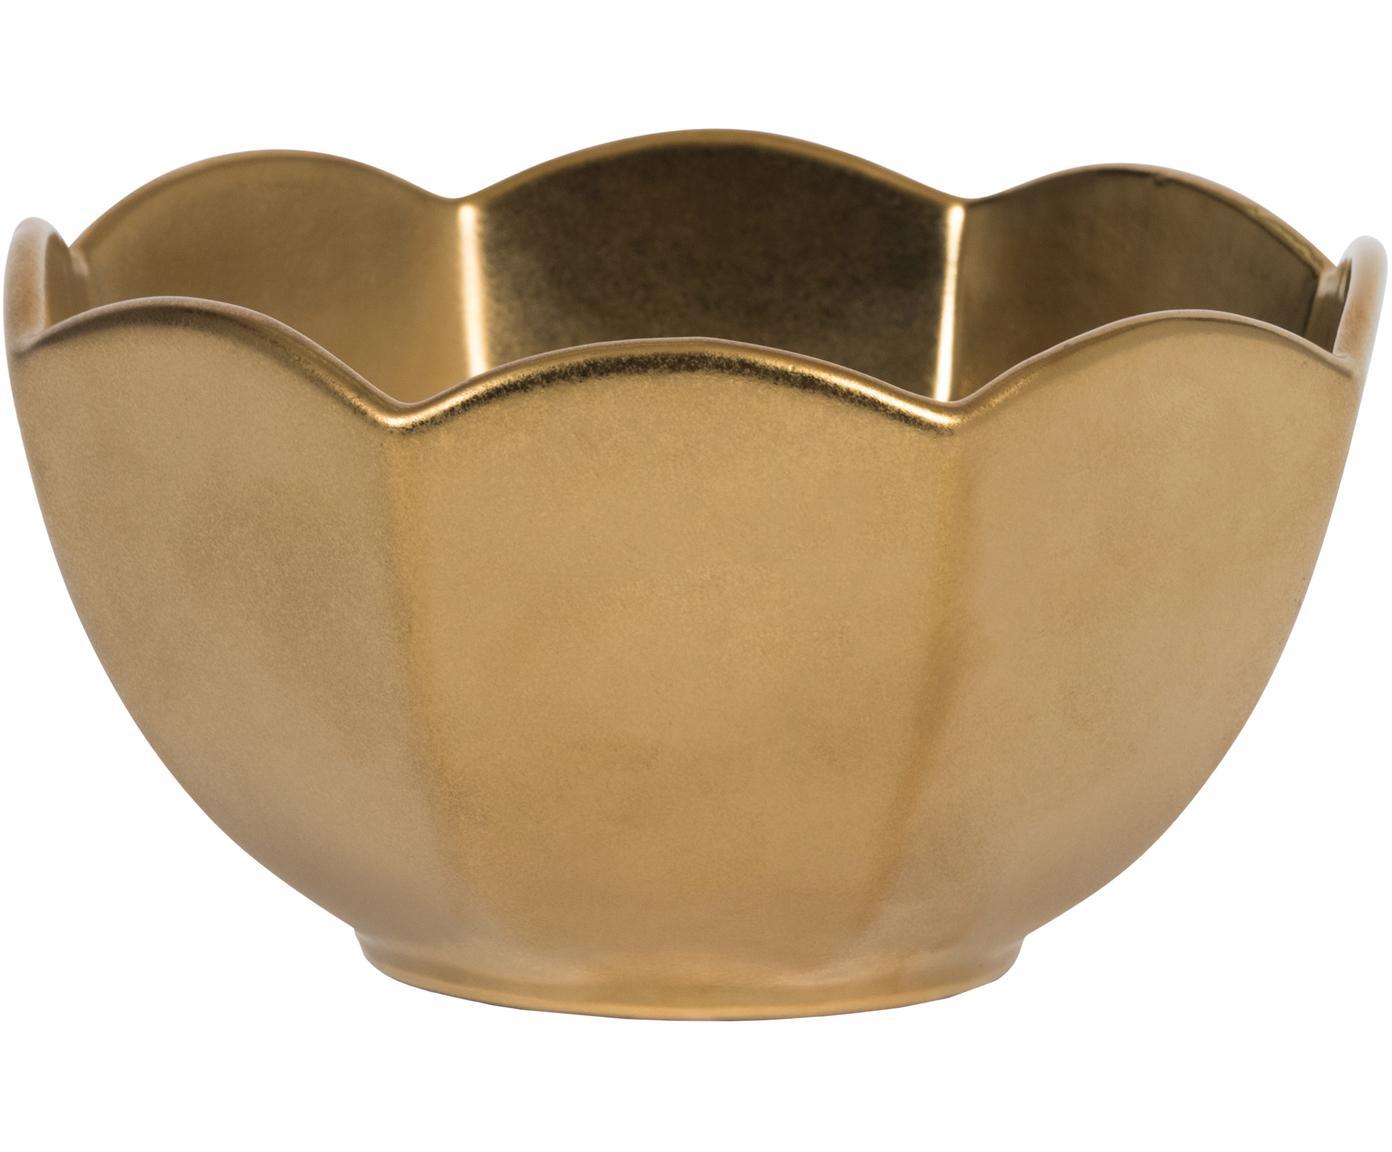 Handgemachtes Schälchen Ghabi in mattem Gold, Steingut, Goldfarben, Ø 13 x H 8 cm